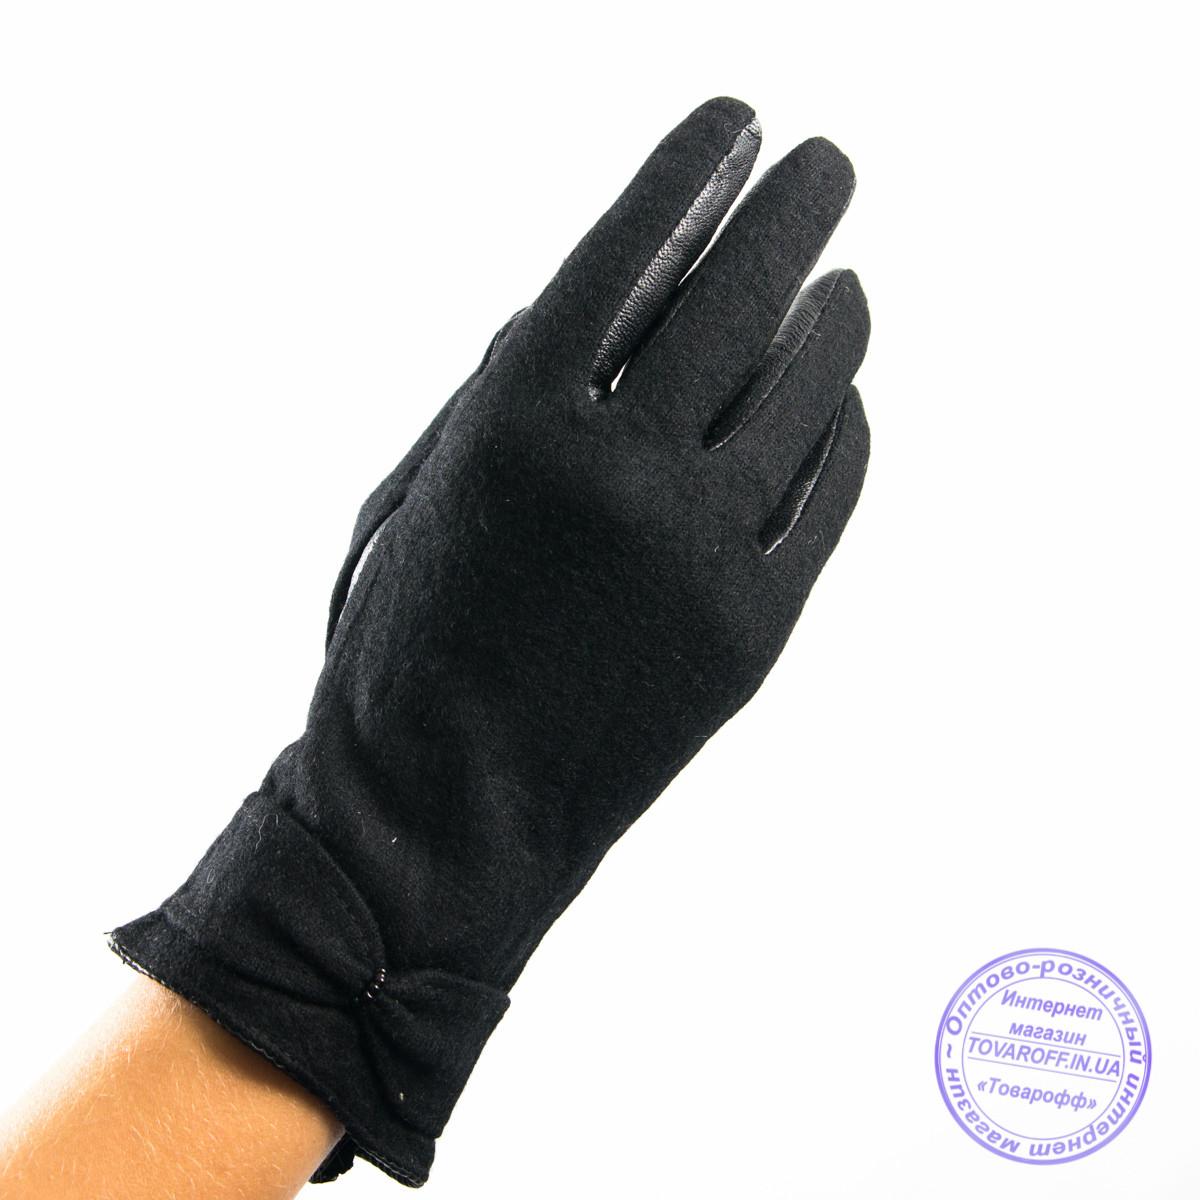 Оптом жіночі кашемірові рукавички з шкіряною долонькою з плюшевою підкладкою - №F4-5